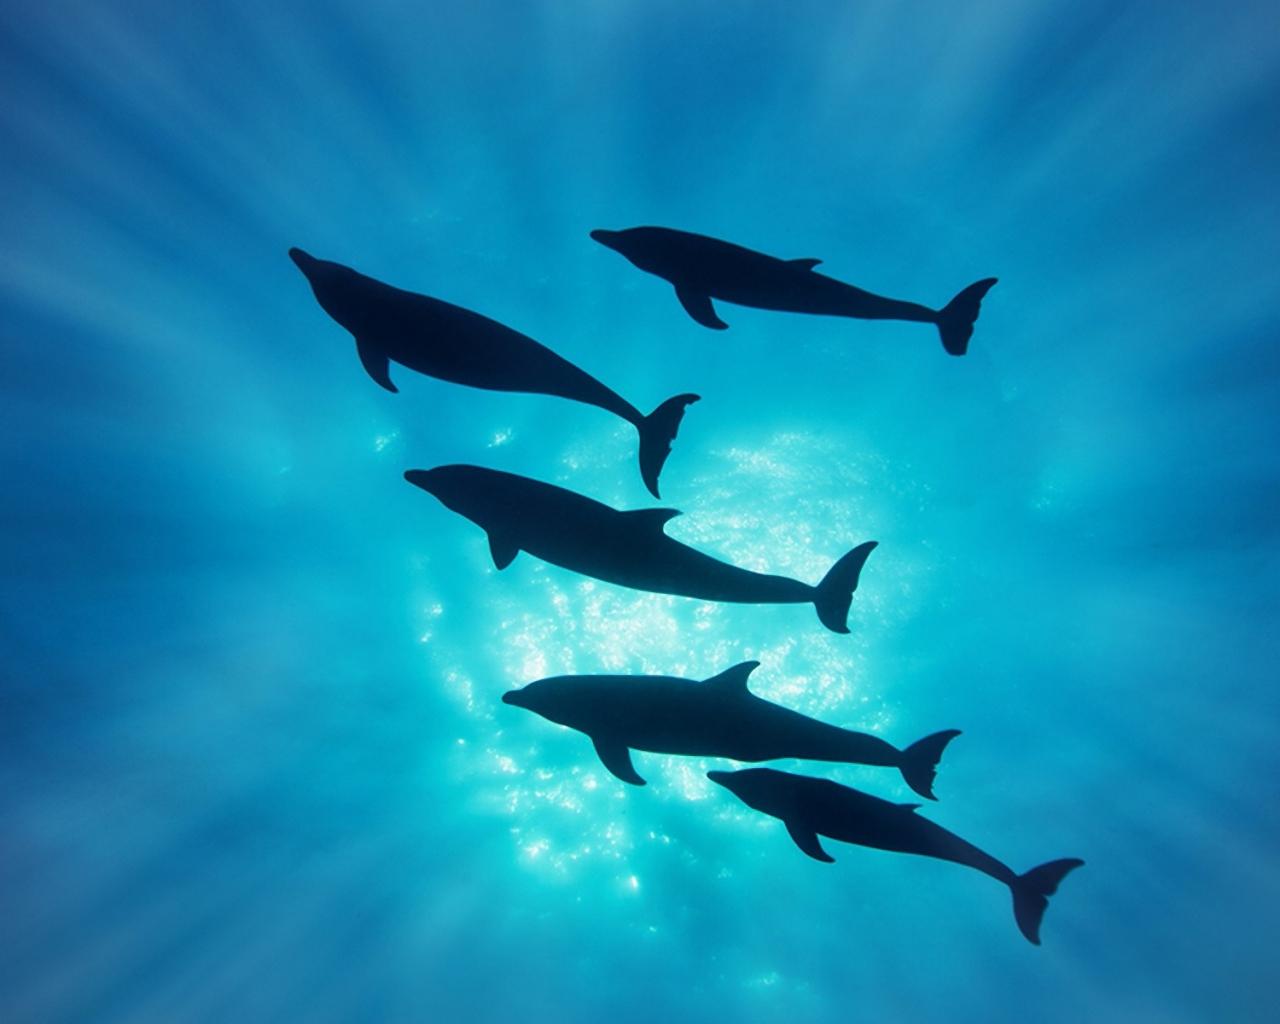 Delfines en el mar - 1280x1024